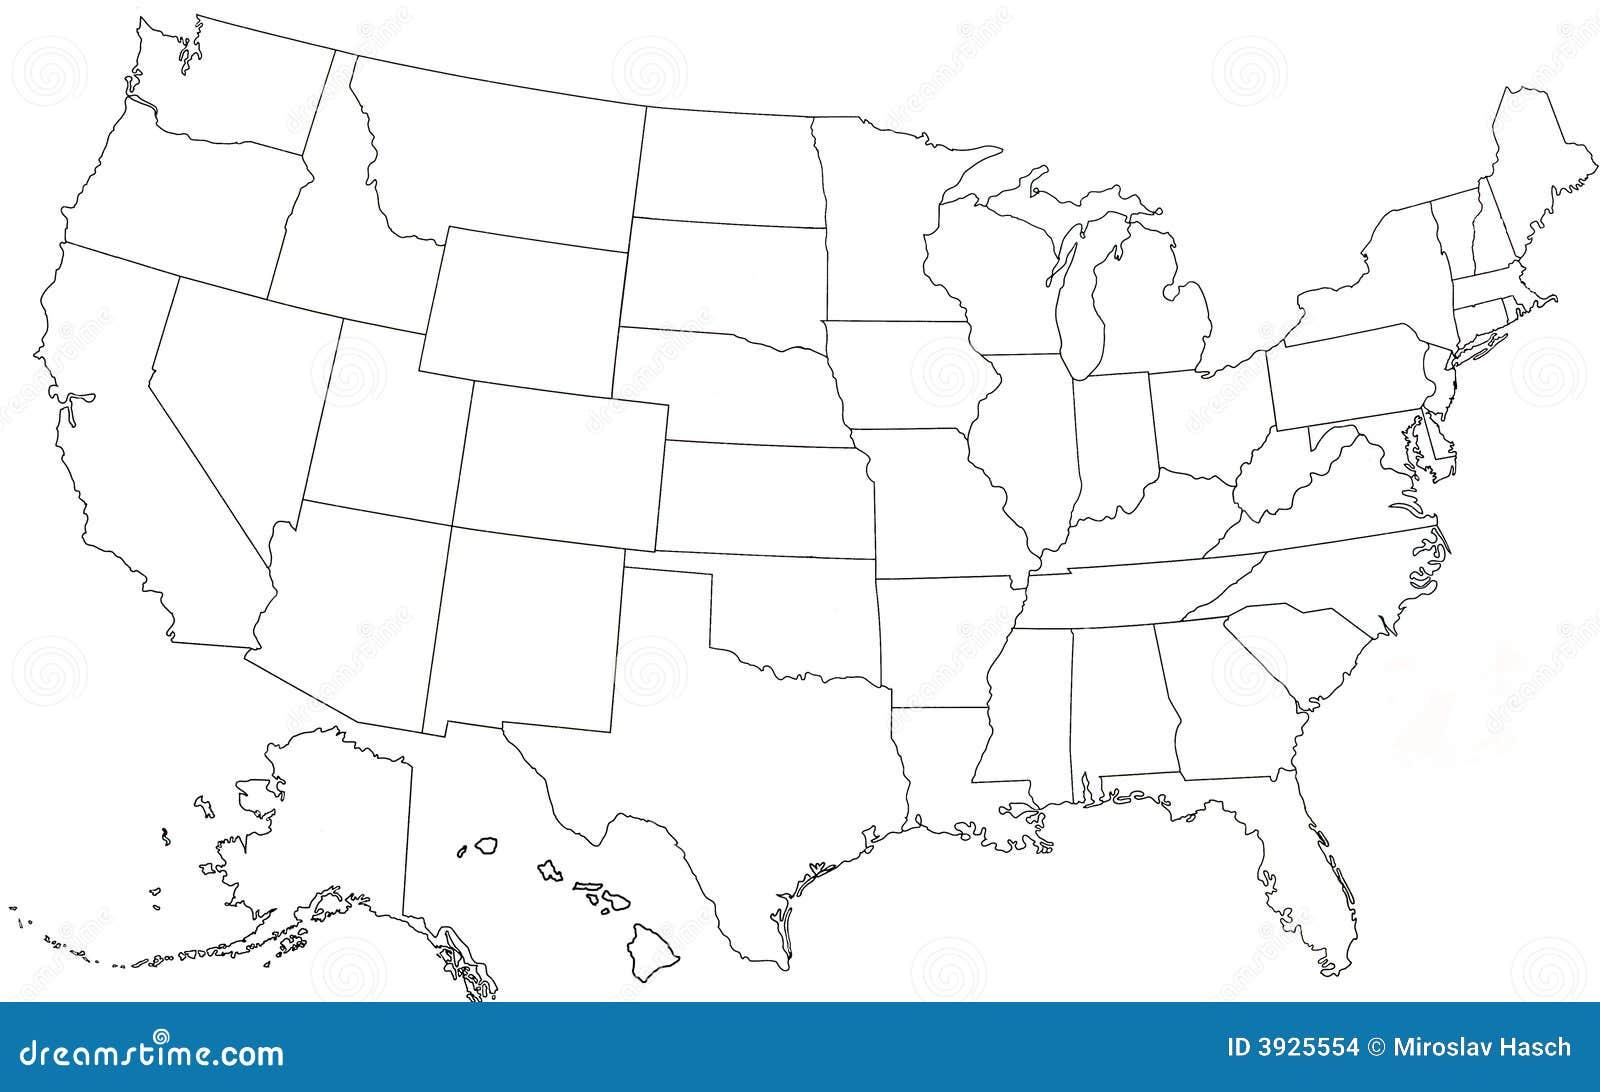 Usa Karte Ohne Staaten.Usa Staaten Karte Ohne Namen Creactie